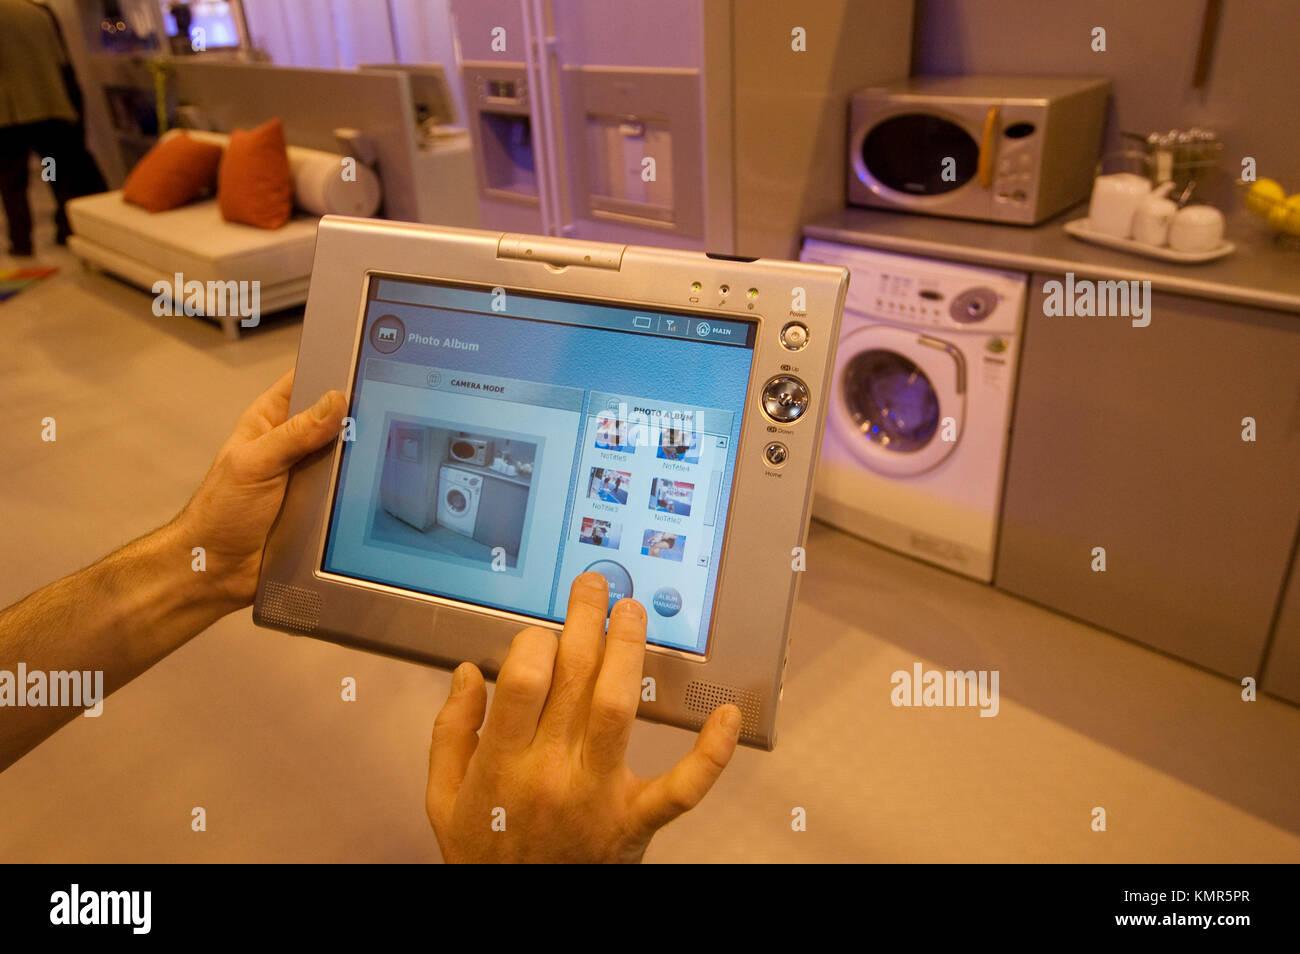 Accueil Samsung système domotique vita, prêt à contrôler tous les appareils électroniques Photo Stock